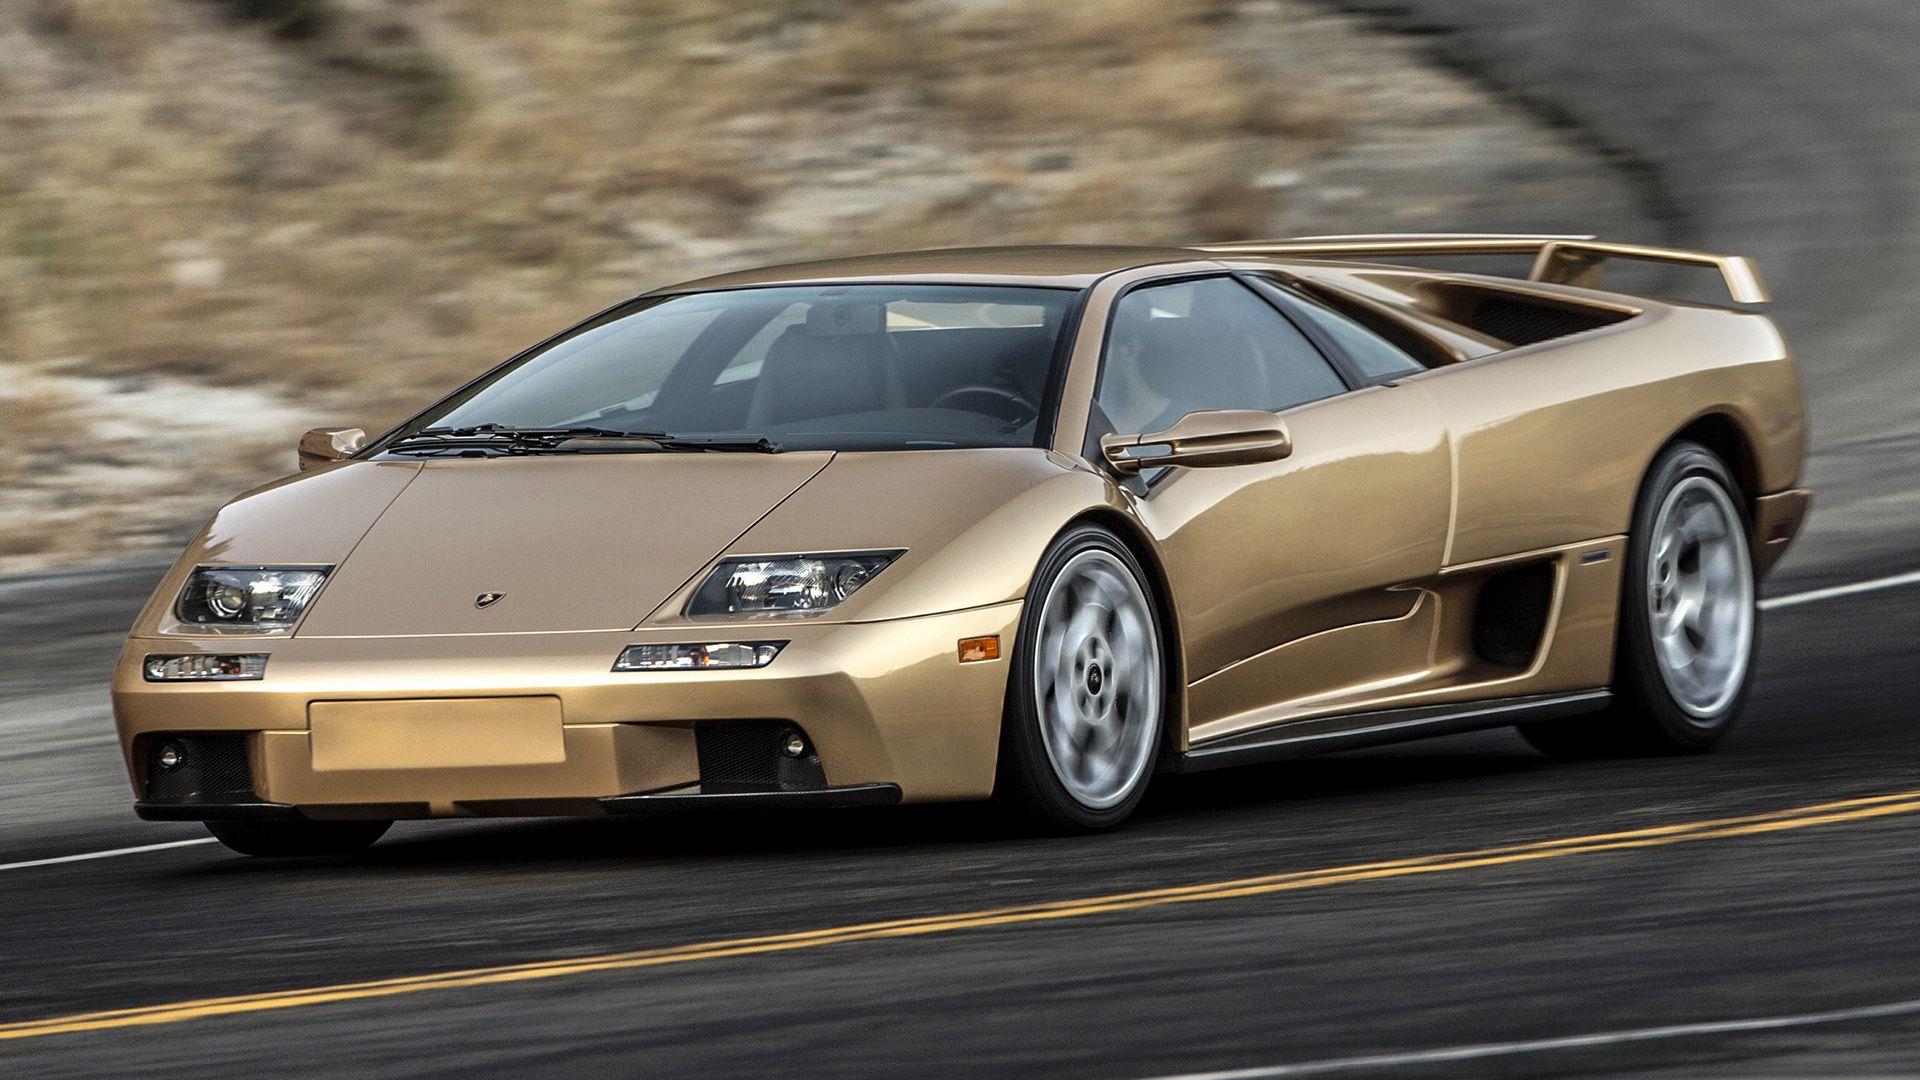 Lamborghini Diablo 2001